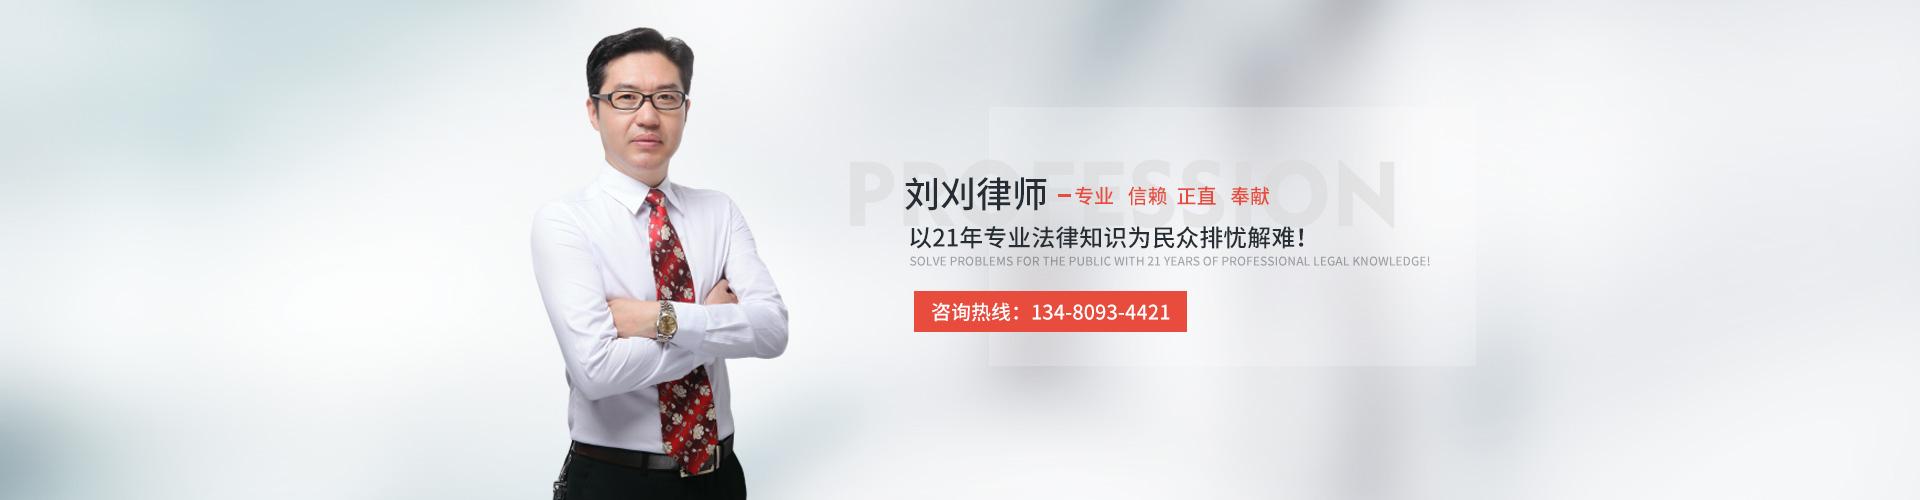 深圳欧阳飞雪